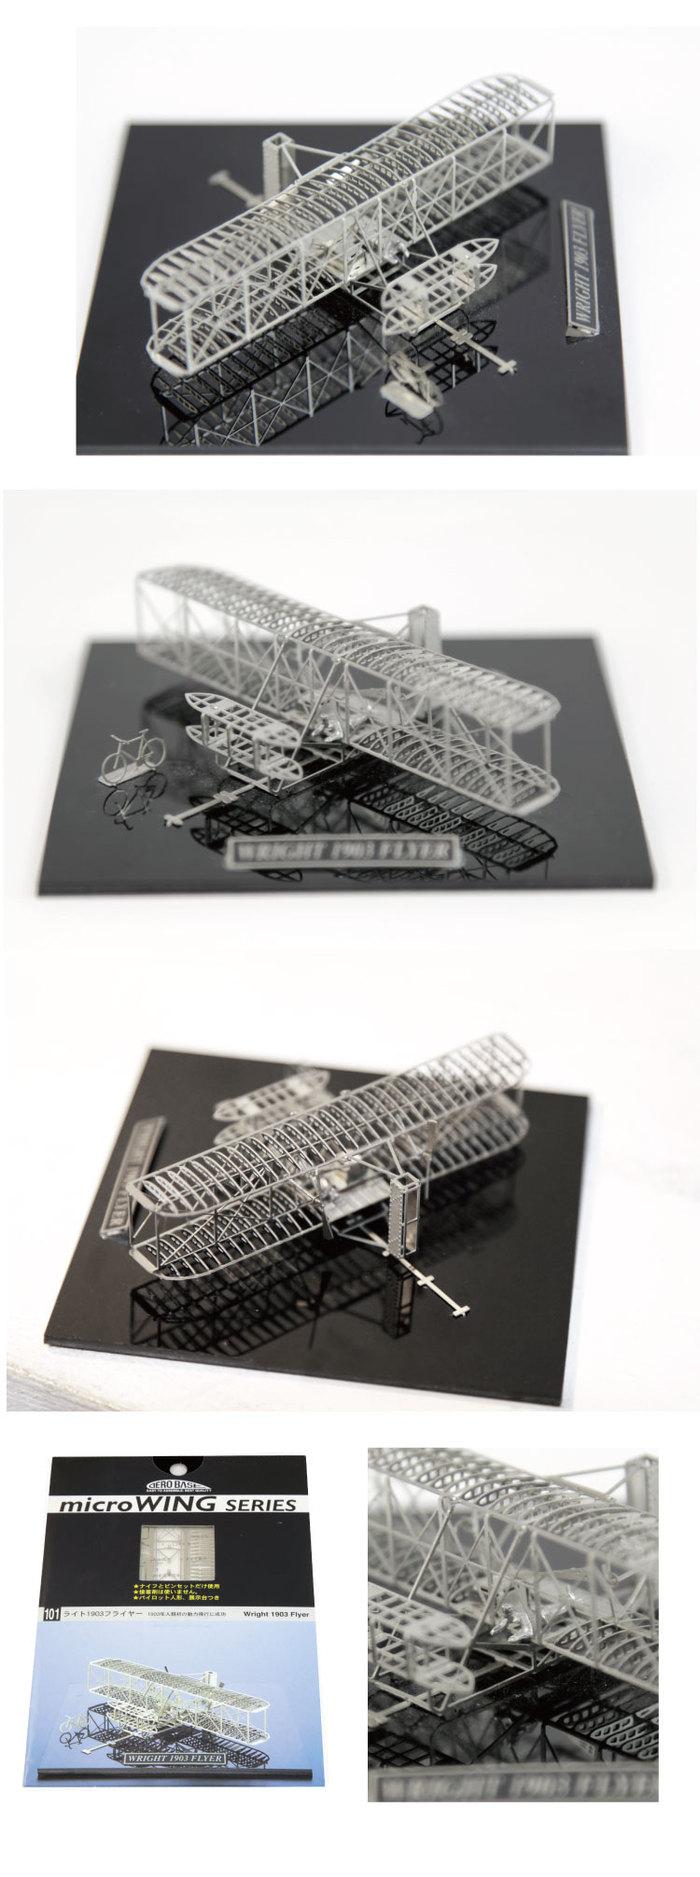 (複製)Aerobase|金屬模型組裝飛機Wright Baby Racer黃銅材質模型(1/160)